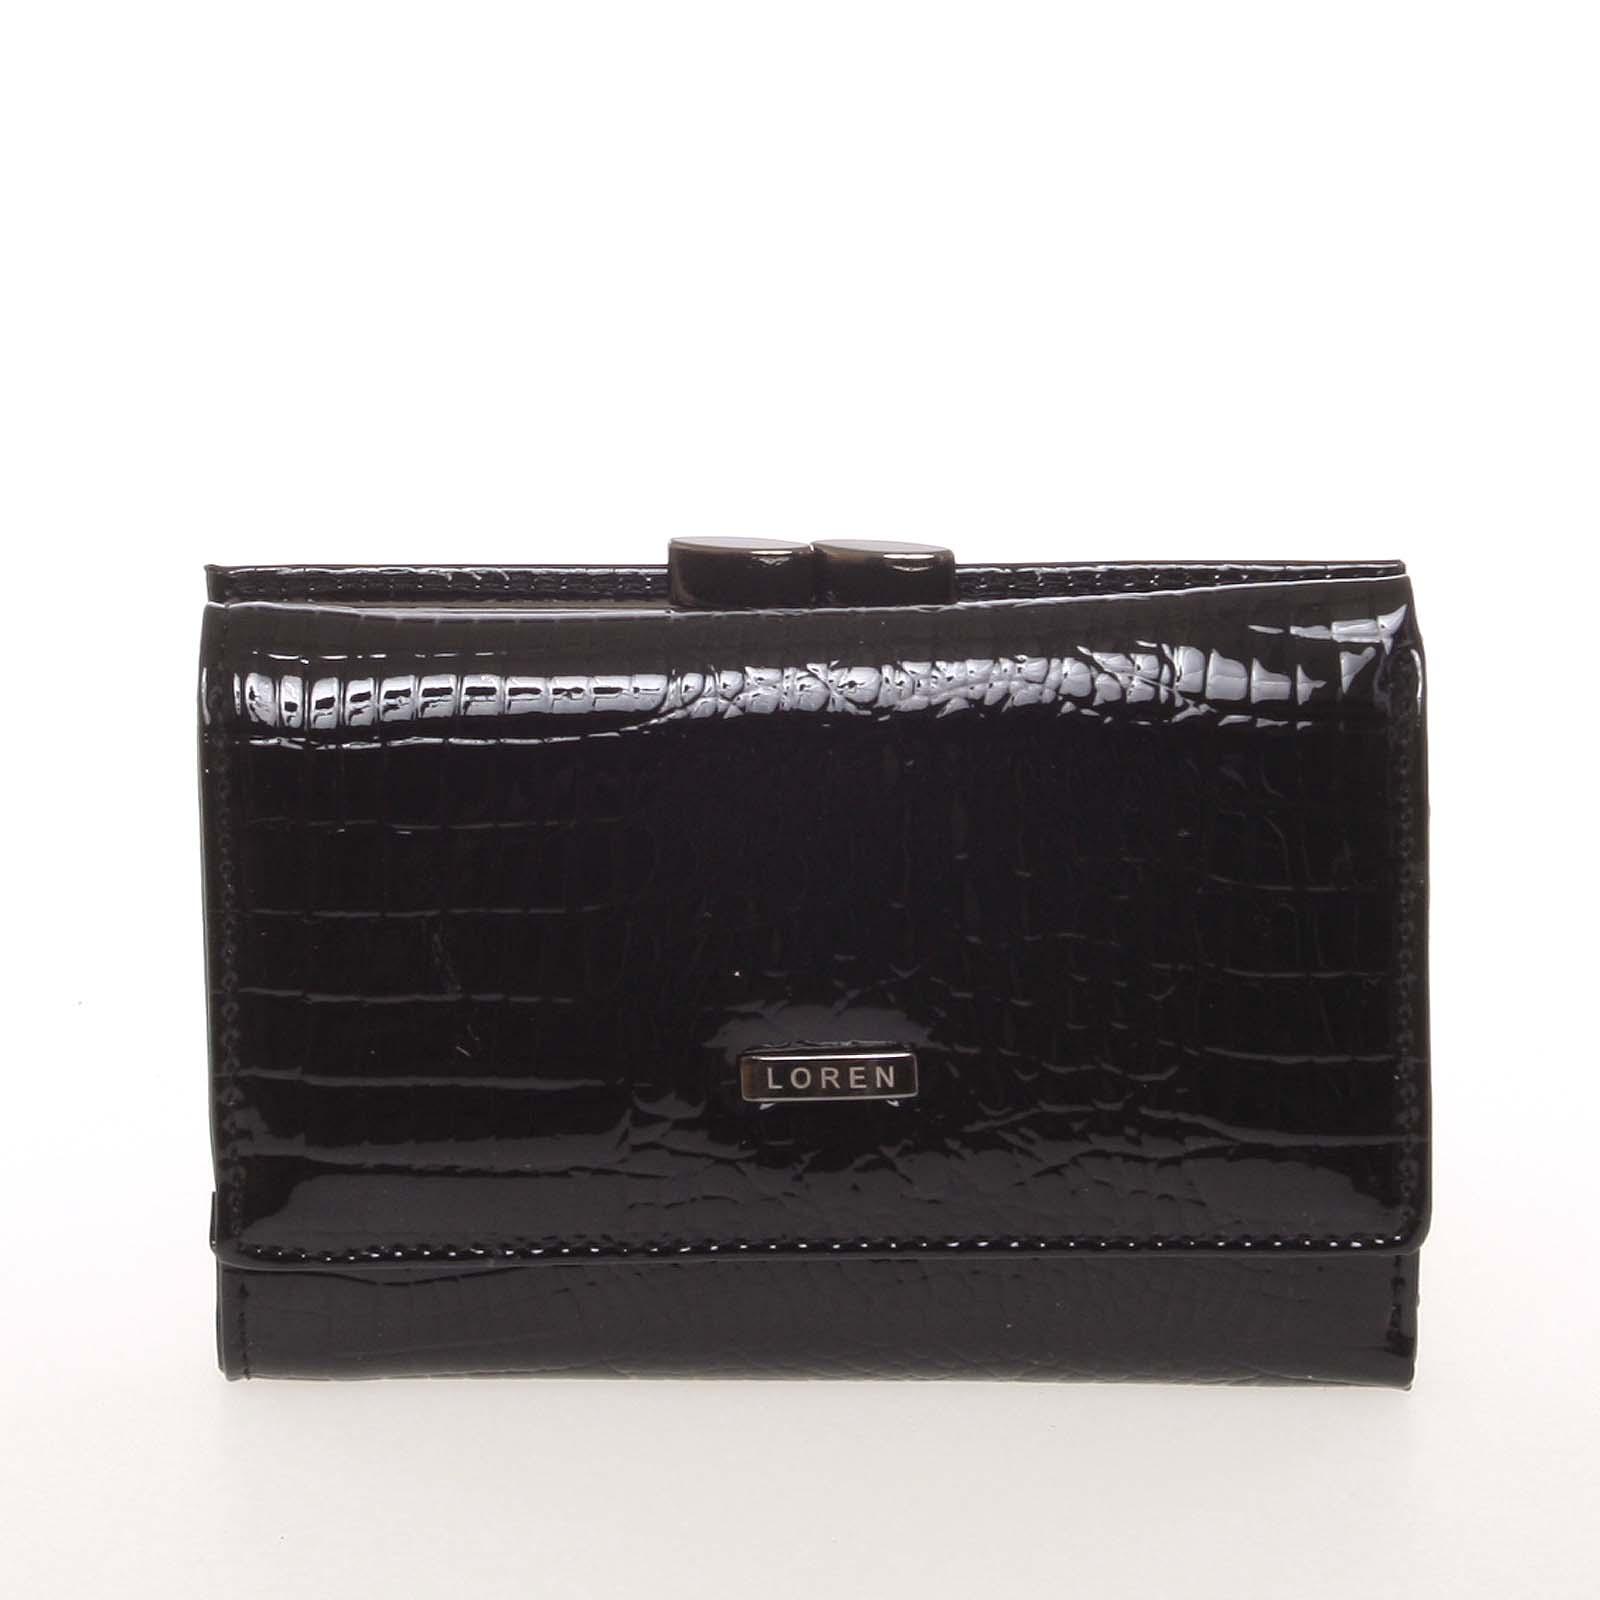 Malá kožená lakovaná dámská peněženka černá - Loren 55282RS